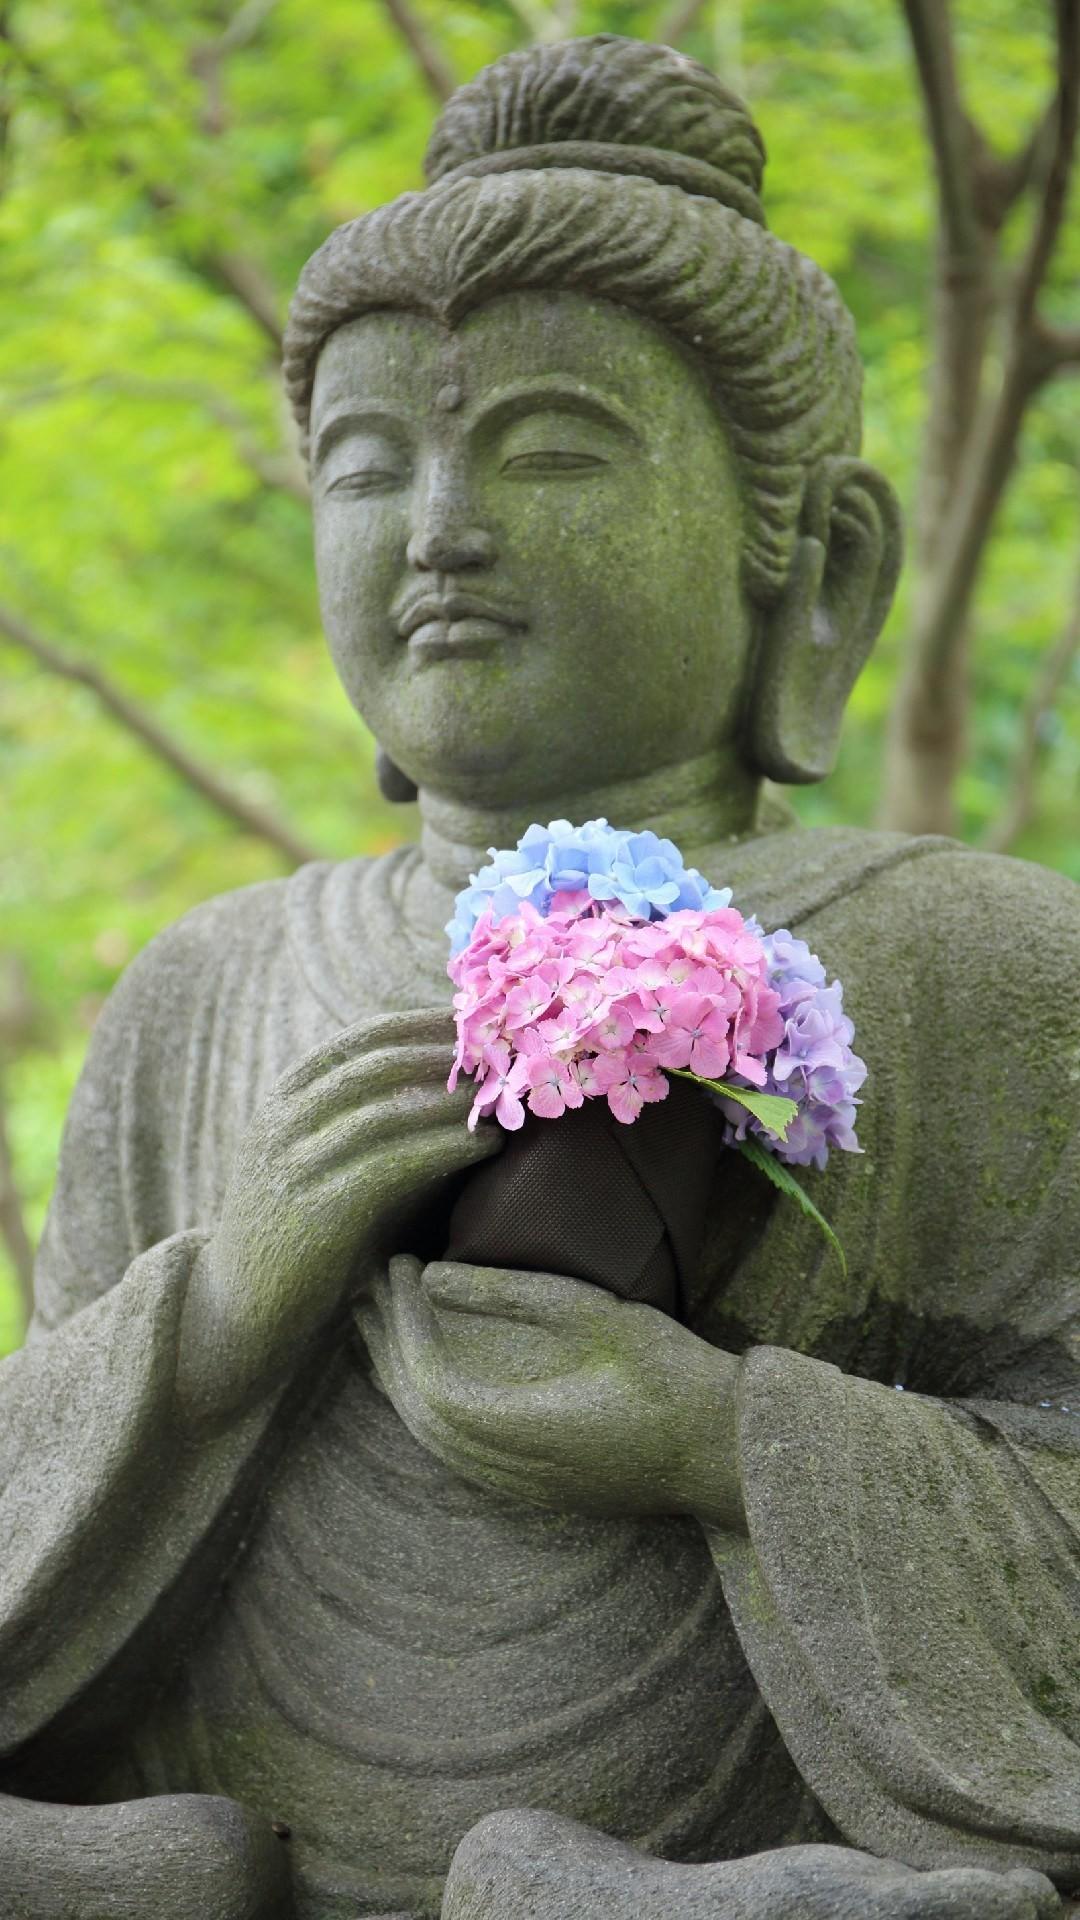 1080x1920, Buddha With Flowers Phone Wallpaper Lockscreen - Wallpaper , HD Wallpaper & Backgrounds